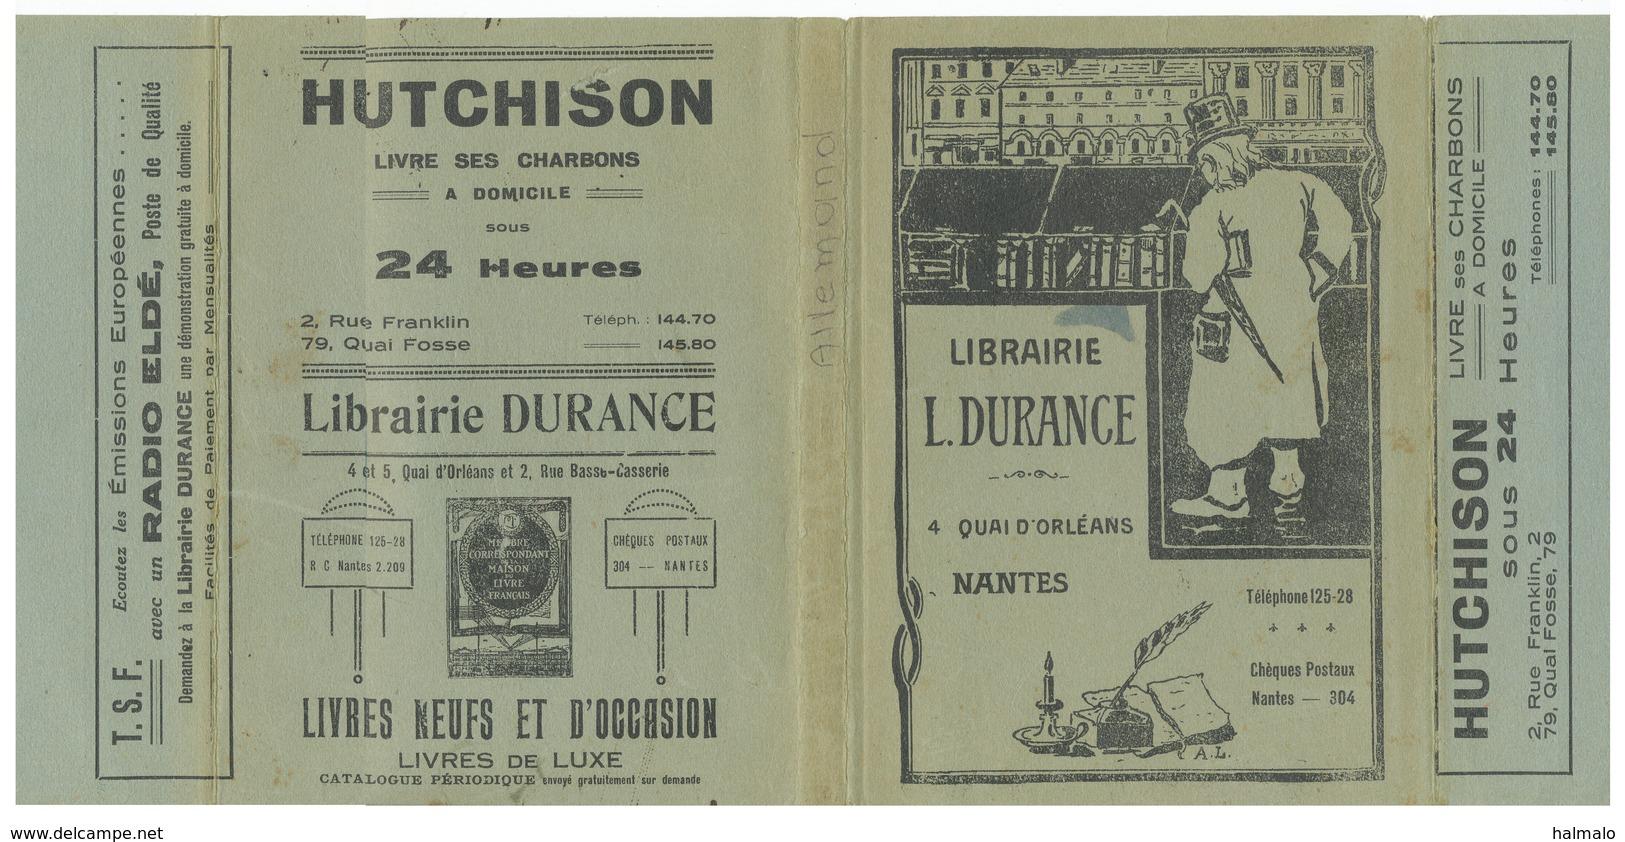 Couvre-livre Couvre-cahier Publicitaire Librairie Durance Nantes - Hutchinson - Radio Eldé - Stationeries (flat Articles)